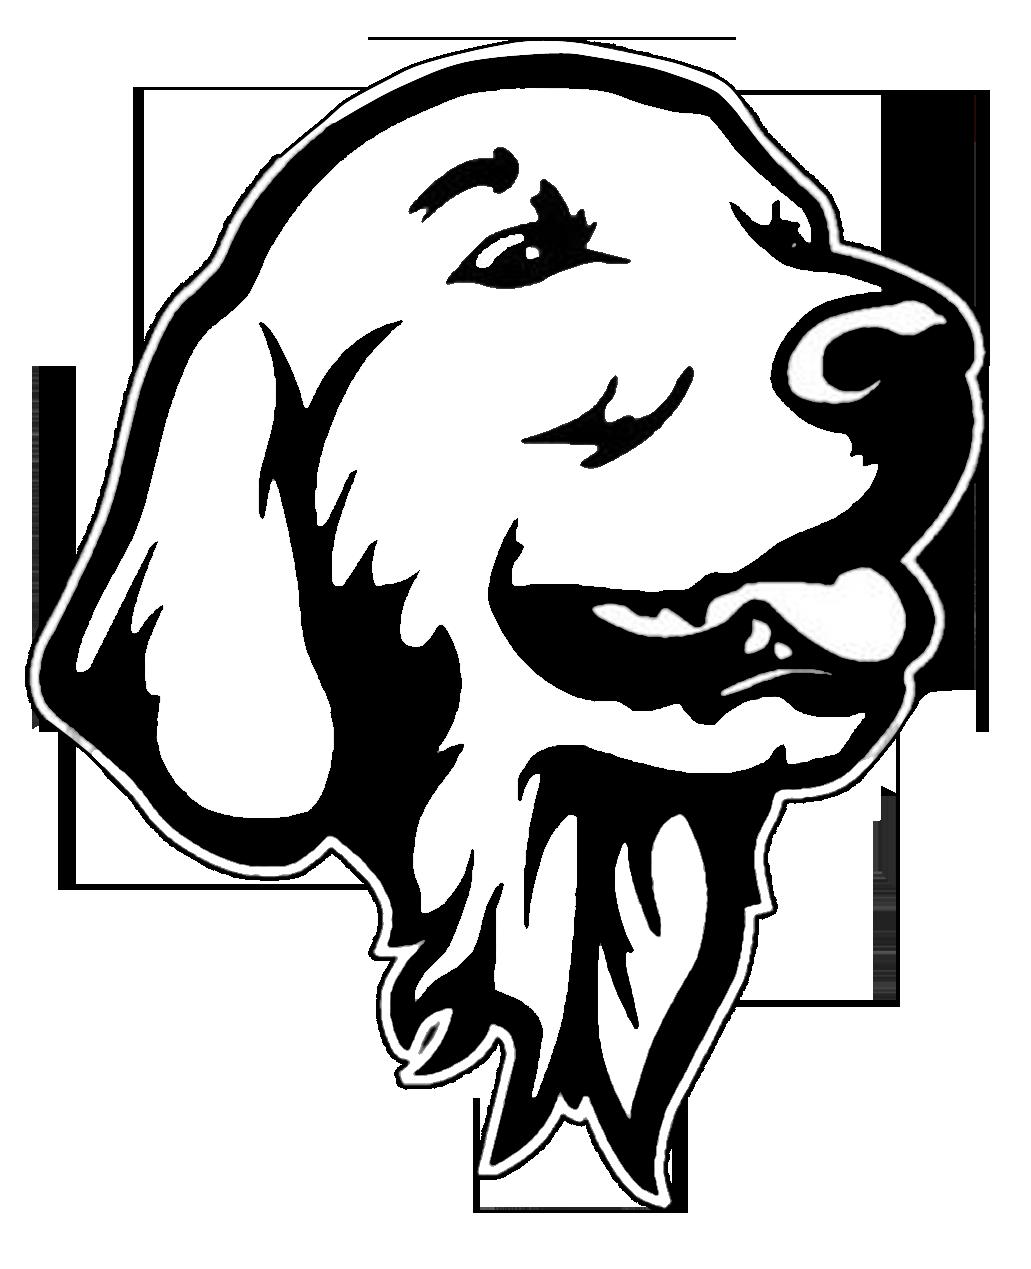 Golden retriever dog clipart vector free download Golden retriever decal vector free download